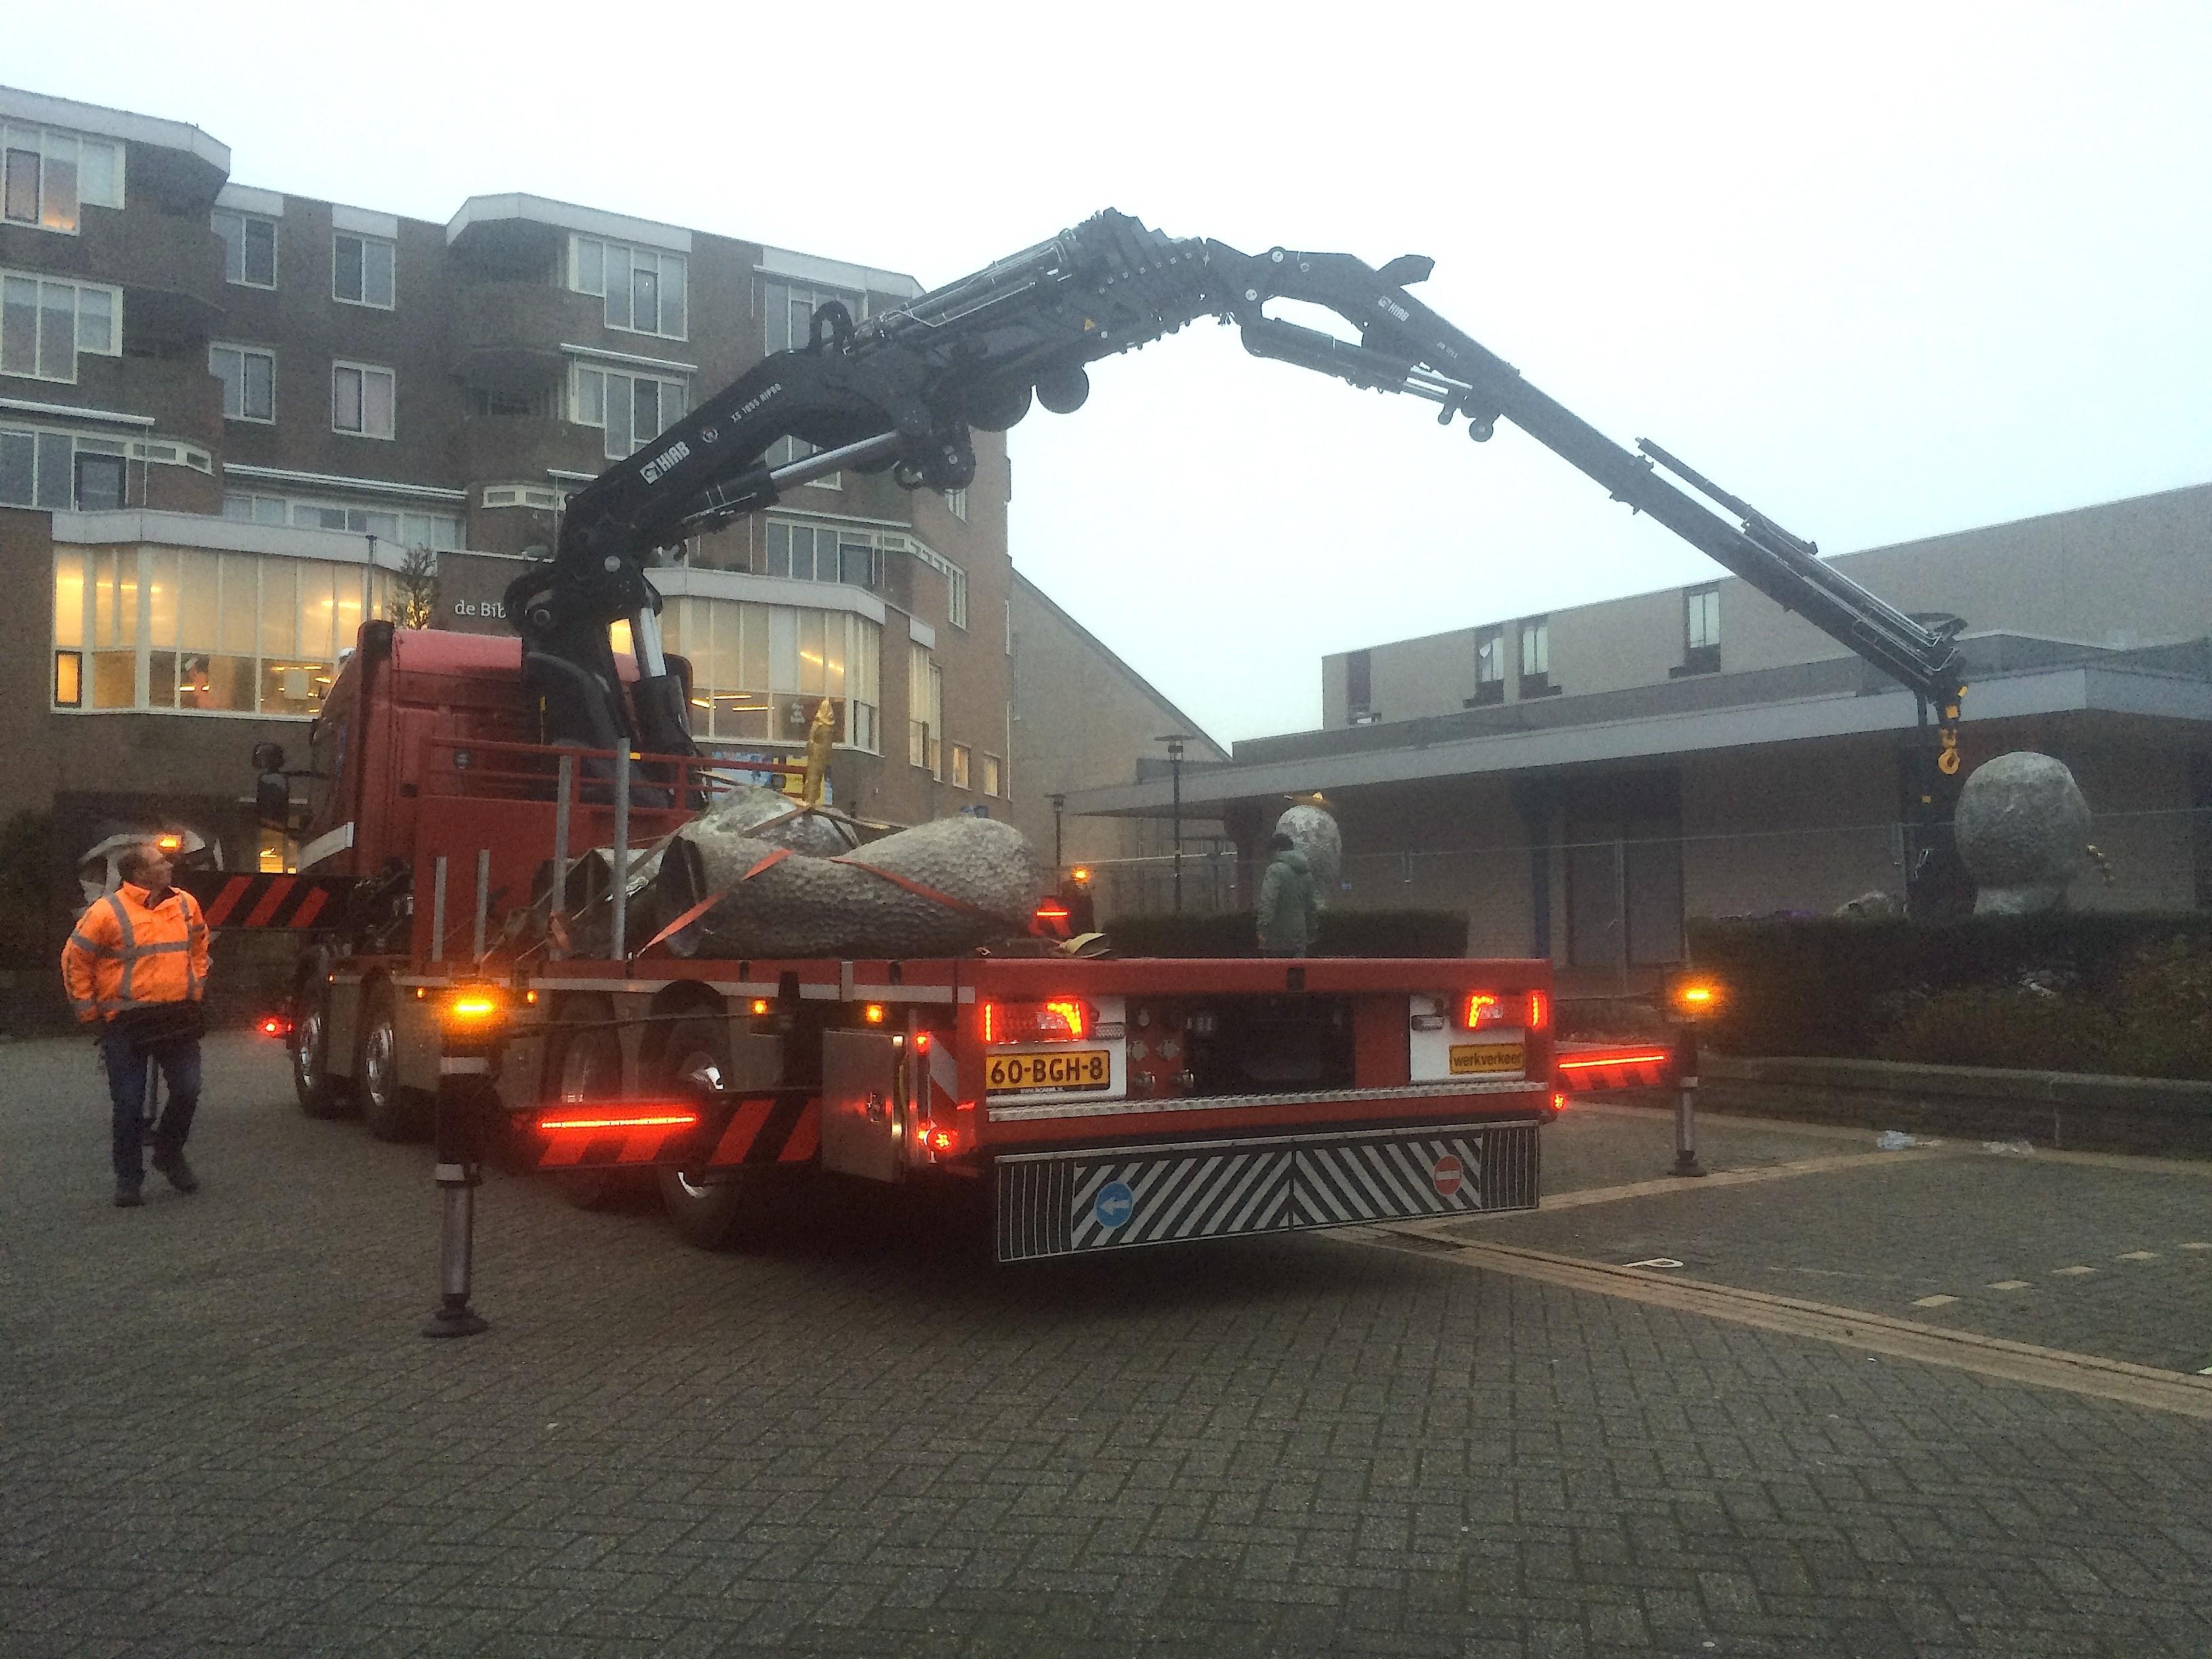 Op het Bernardplein wordt op 4 januari 2016 de veelbesproken beeldengroep in de schemering verplaatst (foto Rob Scholte Museum)